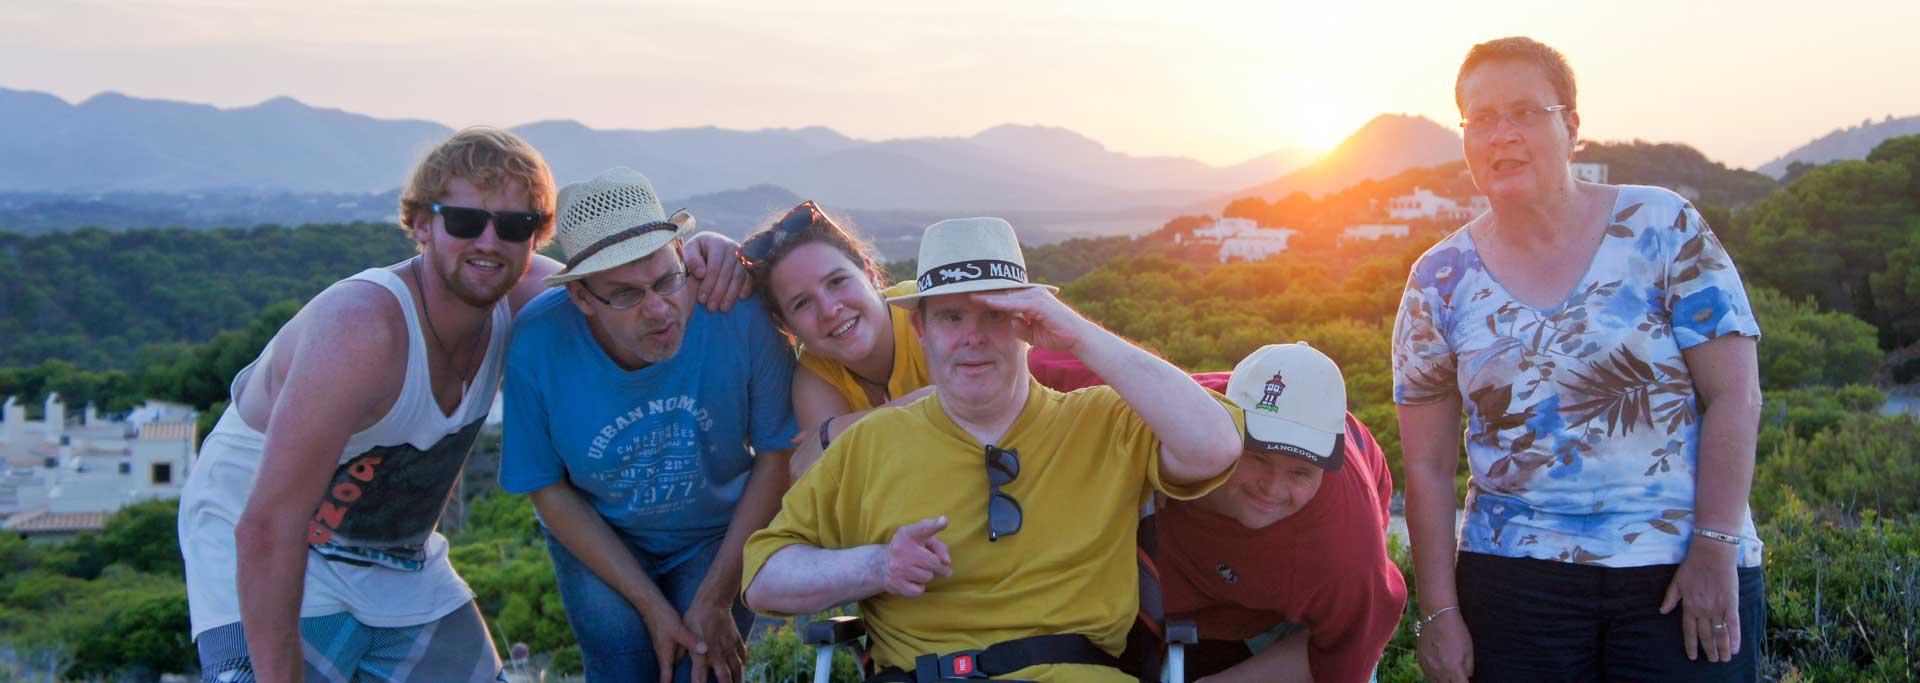 Reisen für Behinderte - Behindertenreisen nach Mallorca